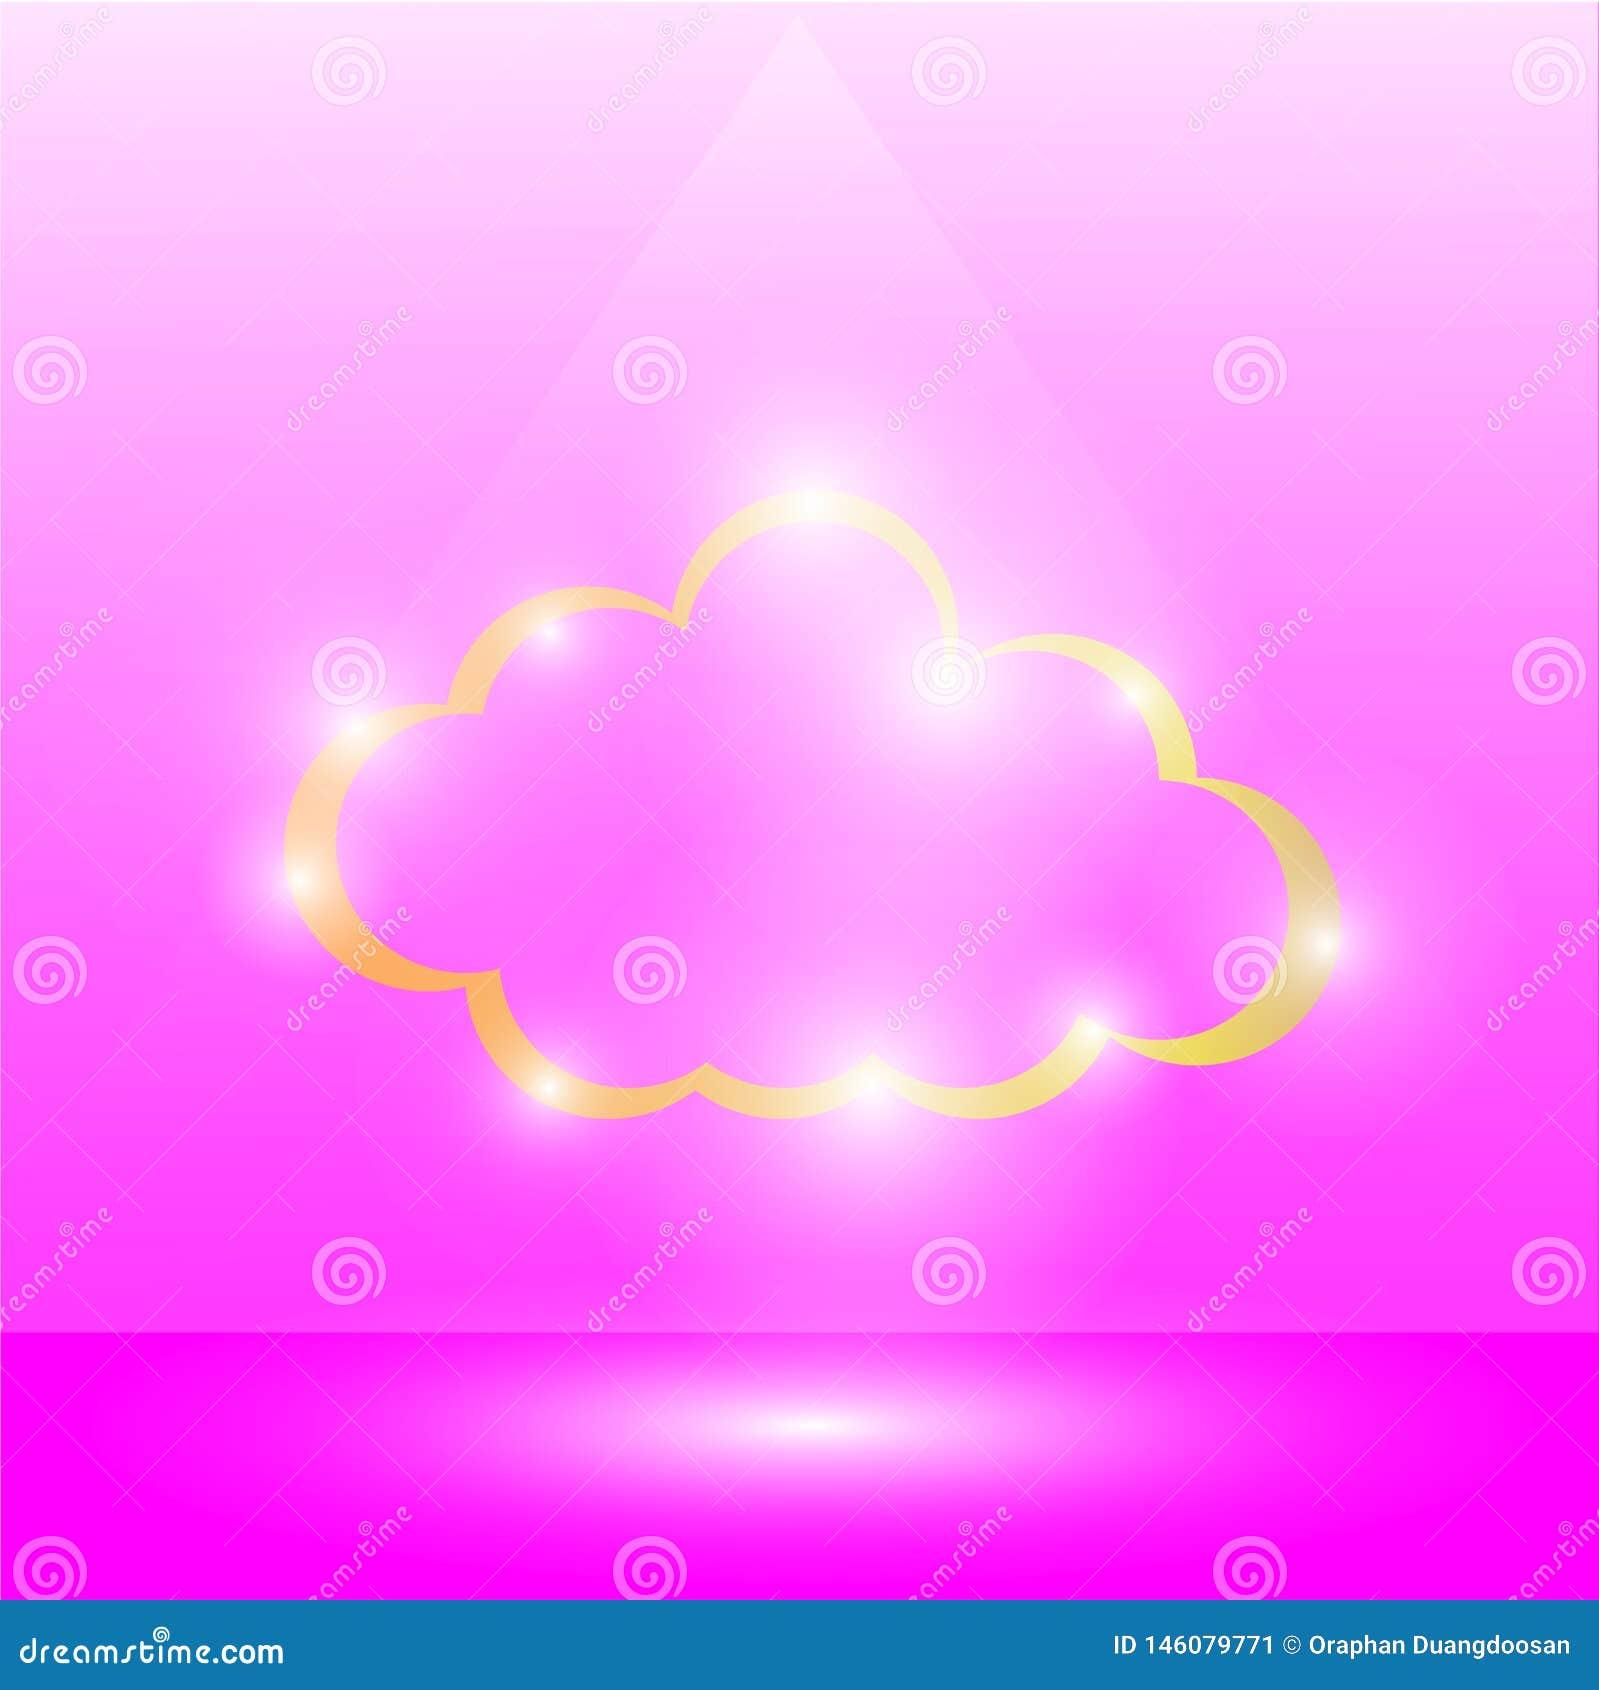 """""""forme du nuage d or et de rougeoyer léger autour sur un fond rose, lumière de projecteur brillant sur le nuage, briller léger su"""